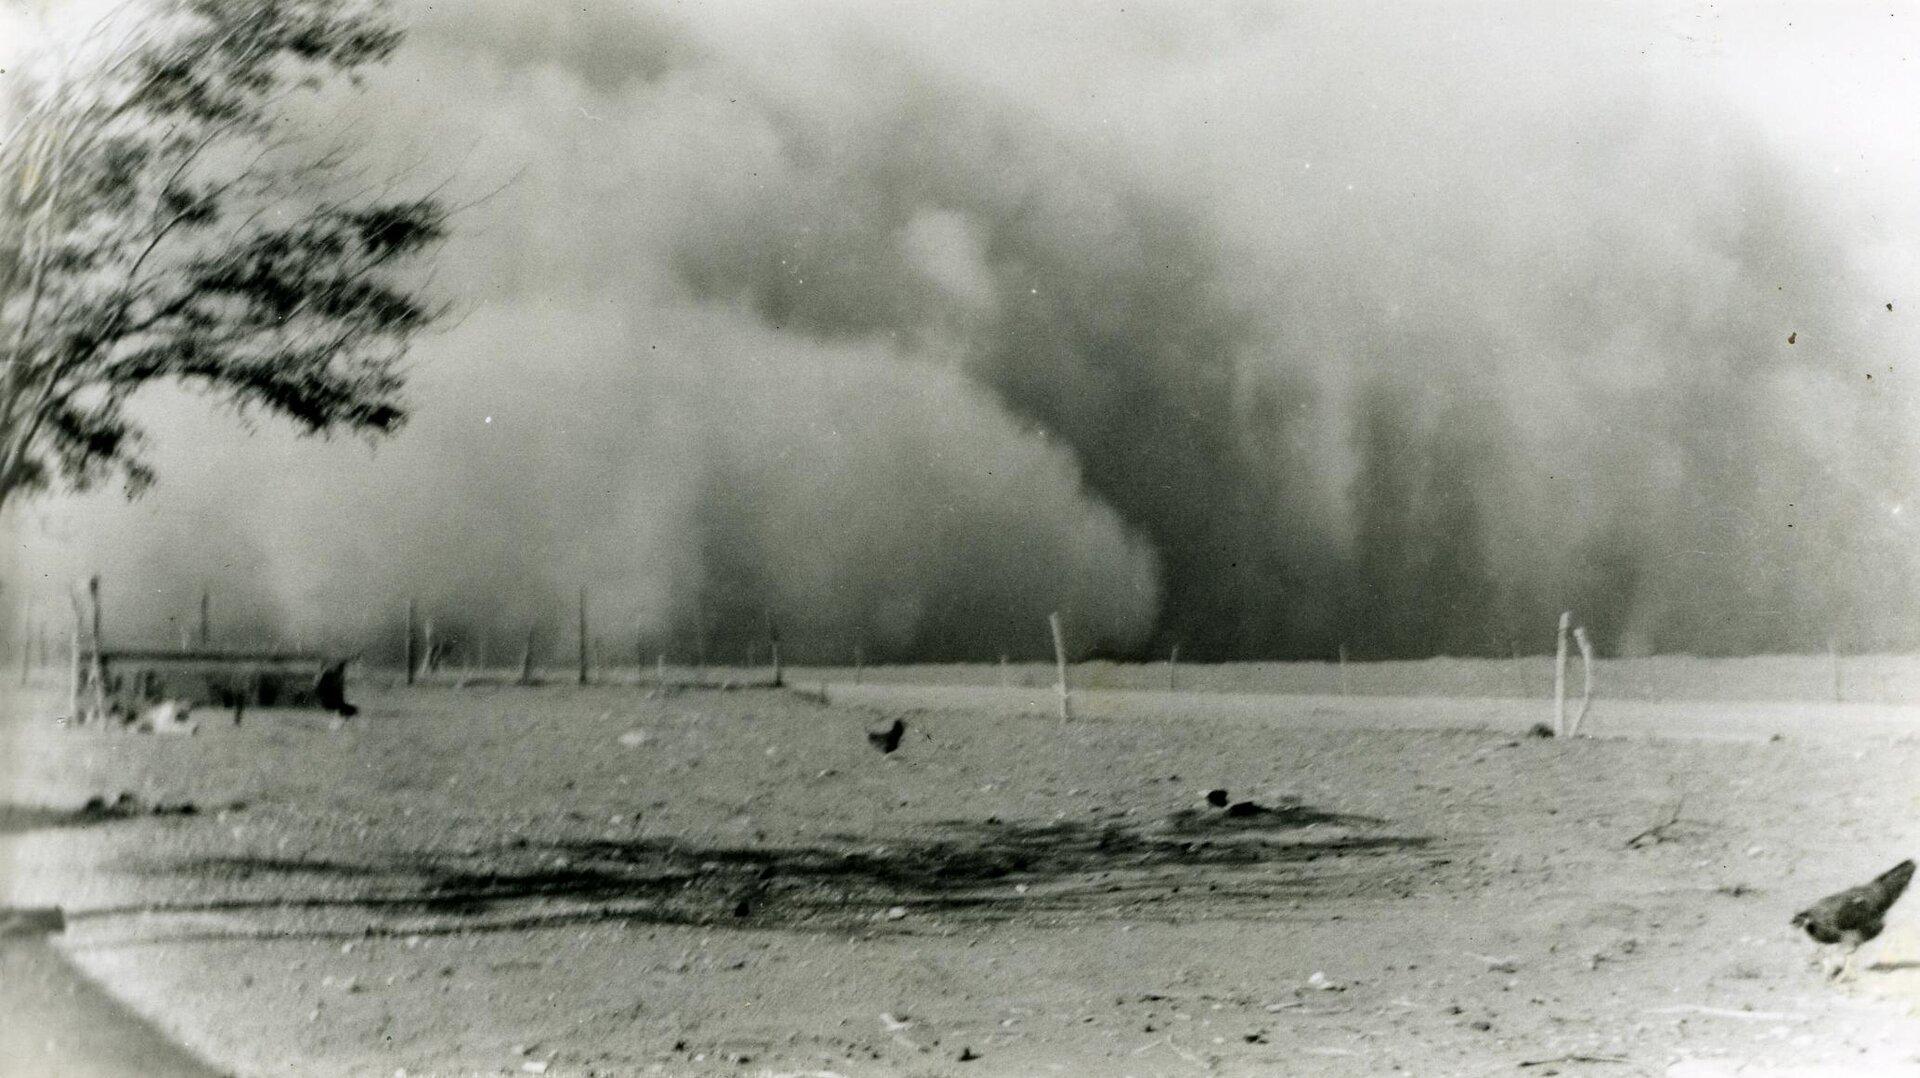 Czarno-biała fotografia prezentuje burzę pyłową. Na horyzoncie widoczna olbrzymia chmura szarego pyłu przemieszczająca się wkierunku obserwatora.